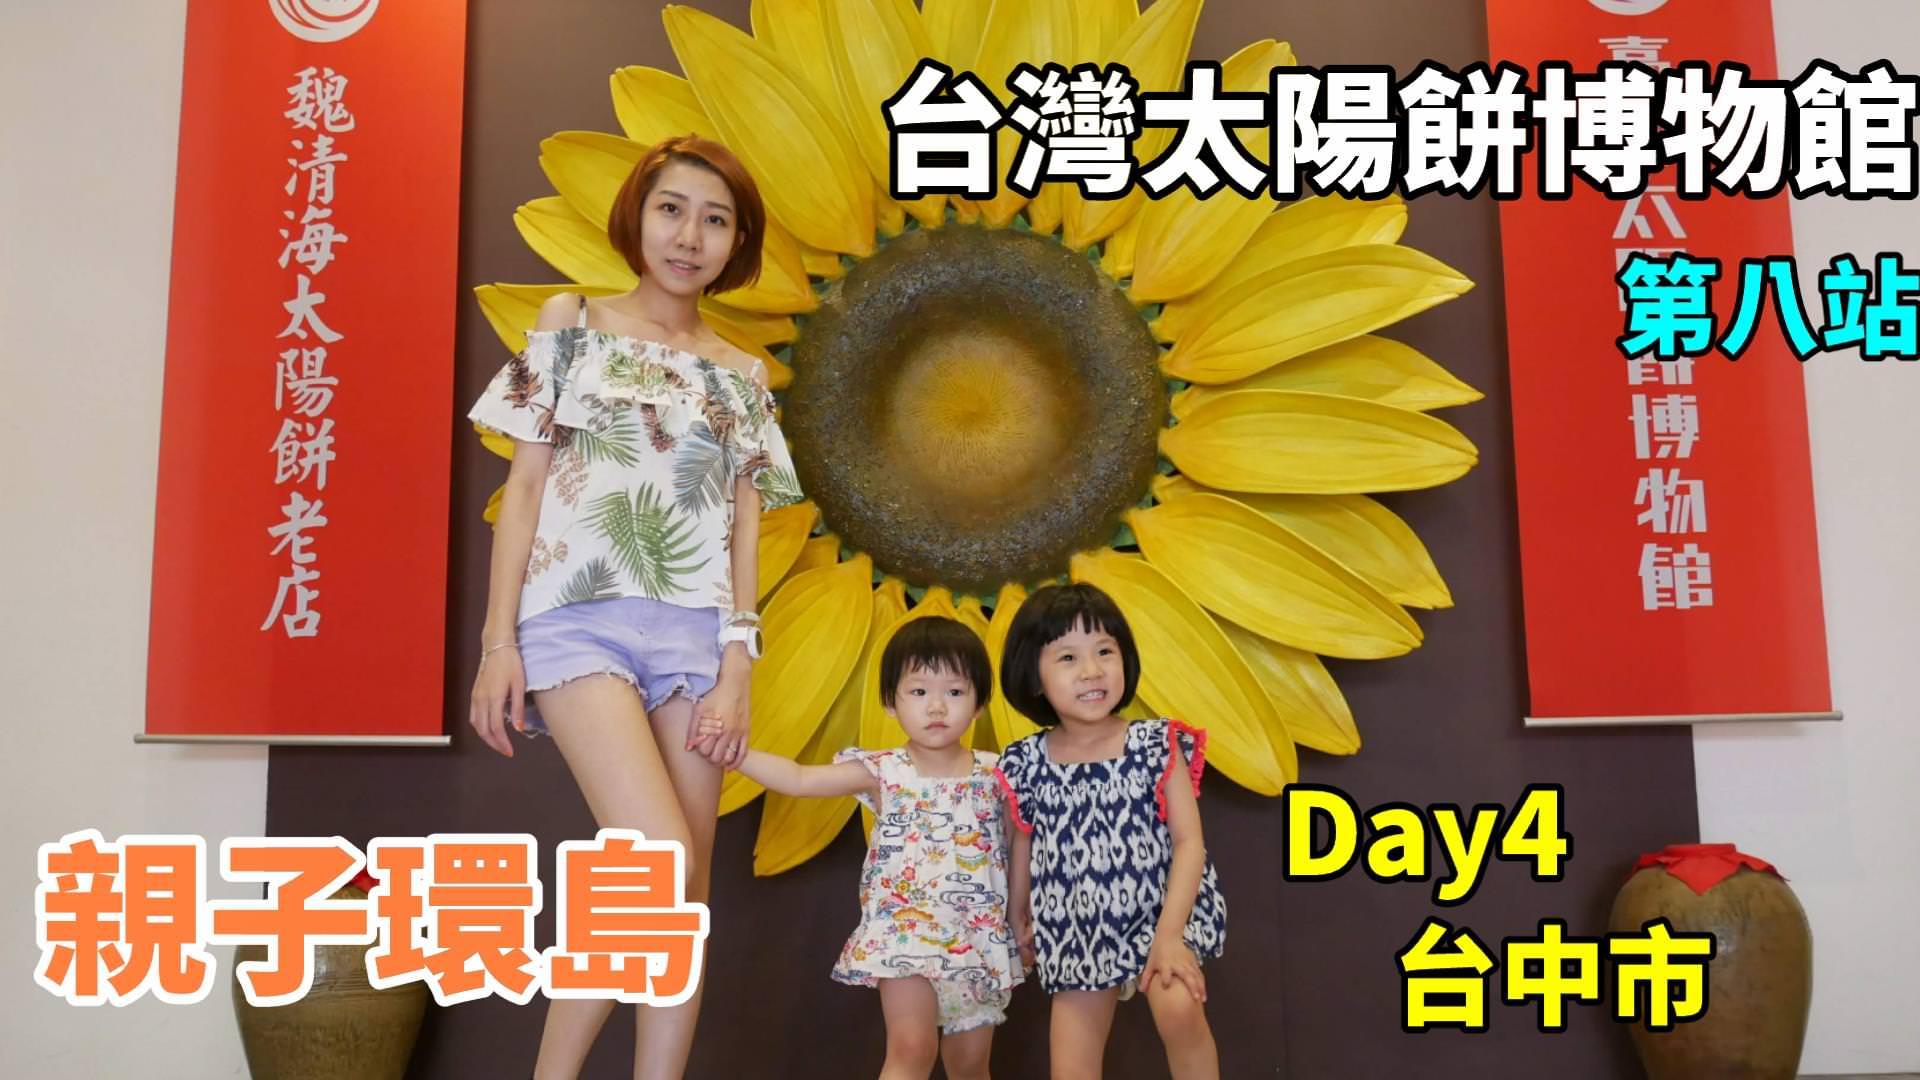 [景點]台中全安堂台灣太陽餅博物館 親子DIY太陽餅自己動手做(台灣環島親子旅遊Day4第八站)